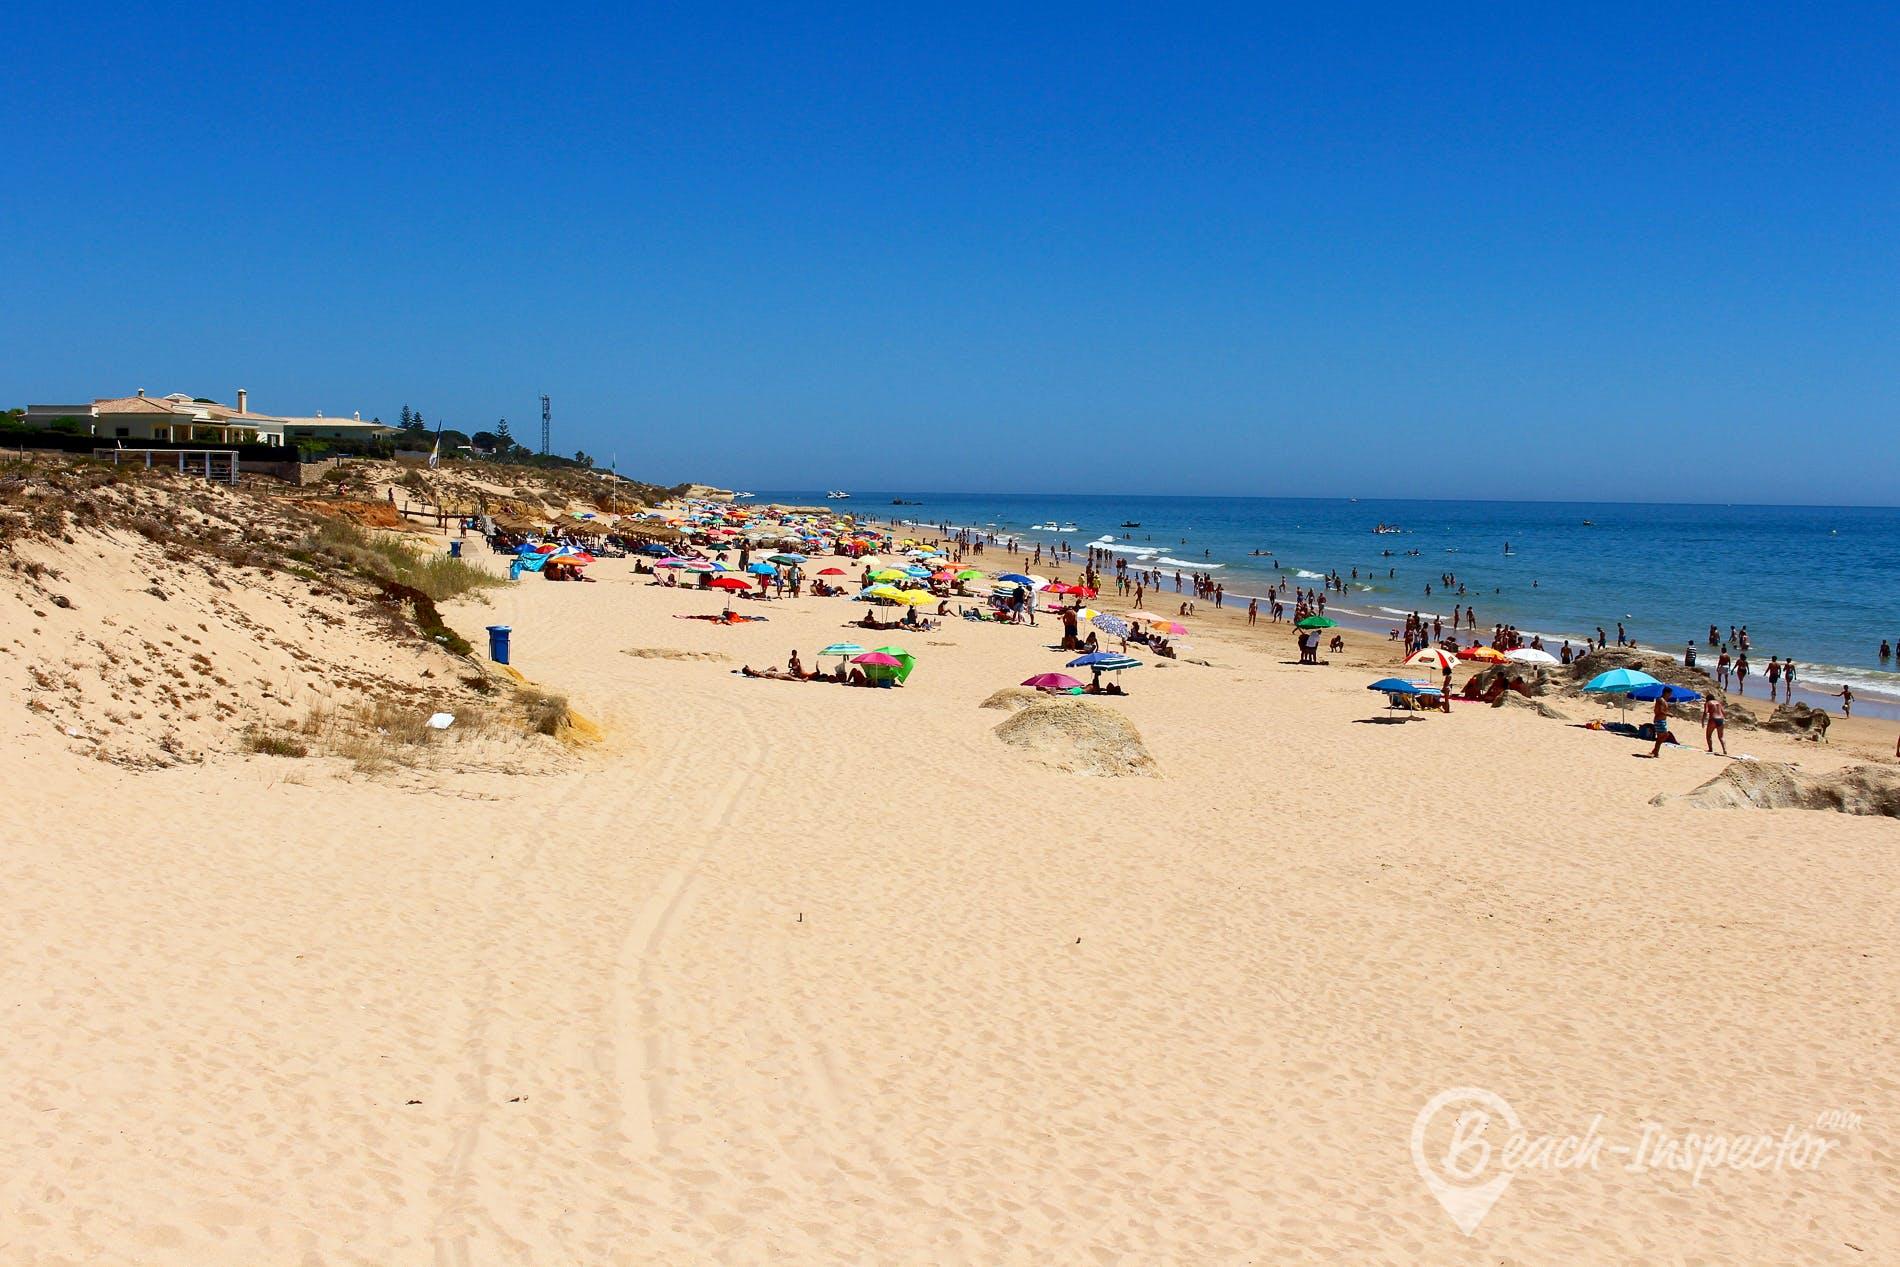 Beach Praia da Galé Oeste, Algarve, Portugal